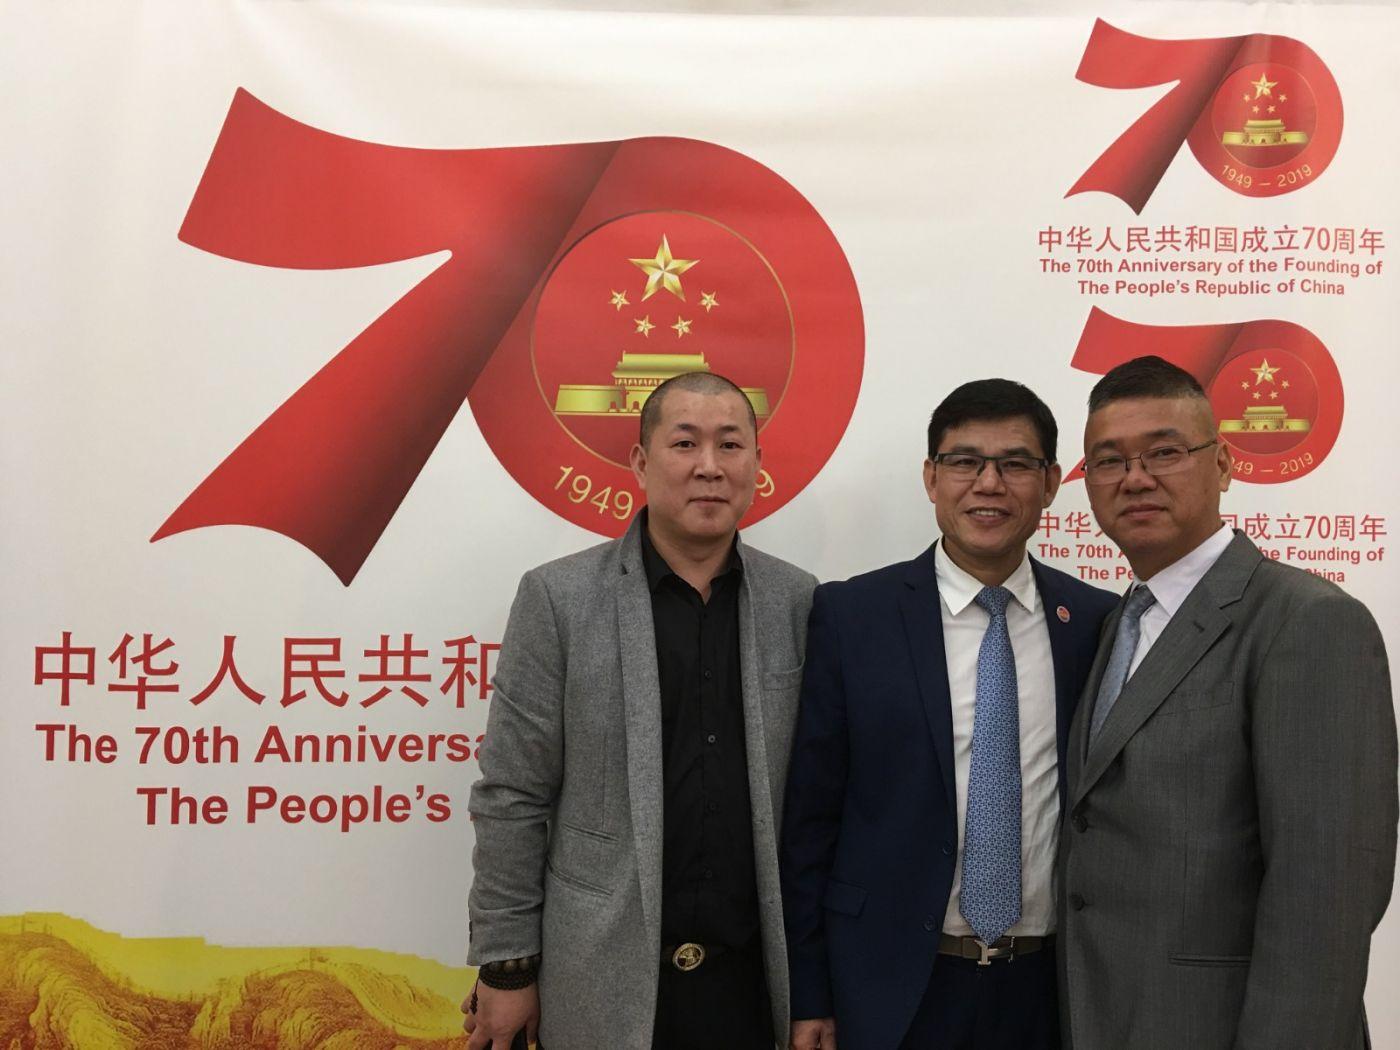 中国驻纽约总领事馆舉辦庆祝建国70周年招待會_图1-43